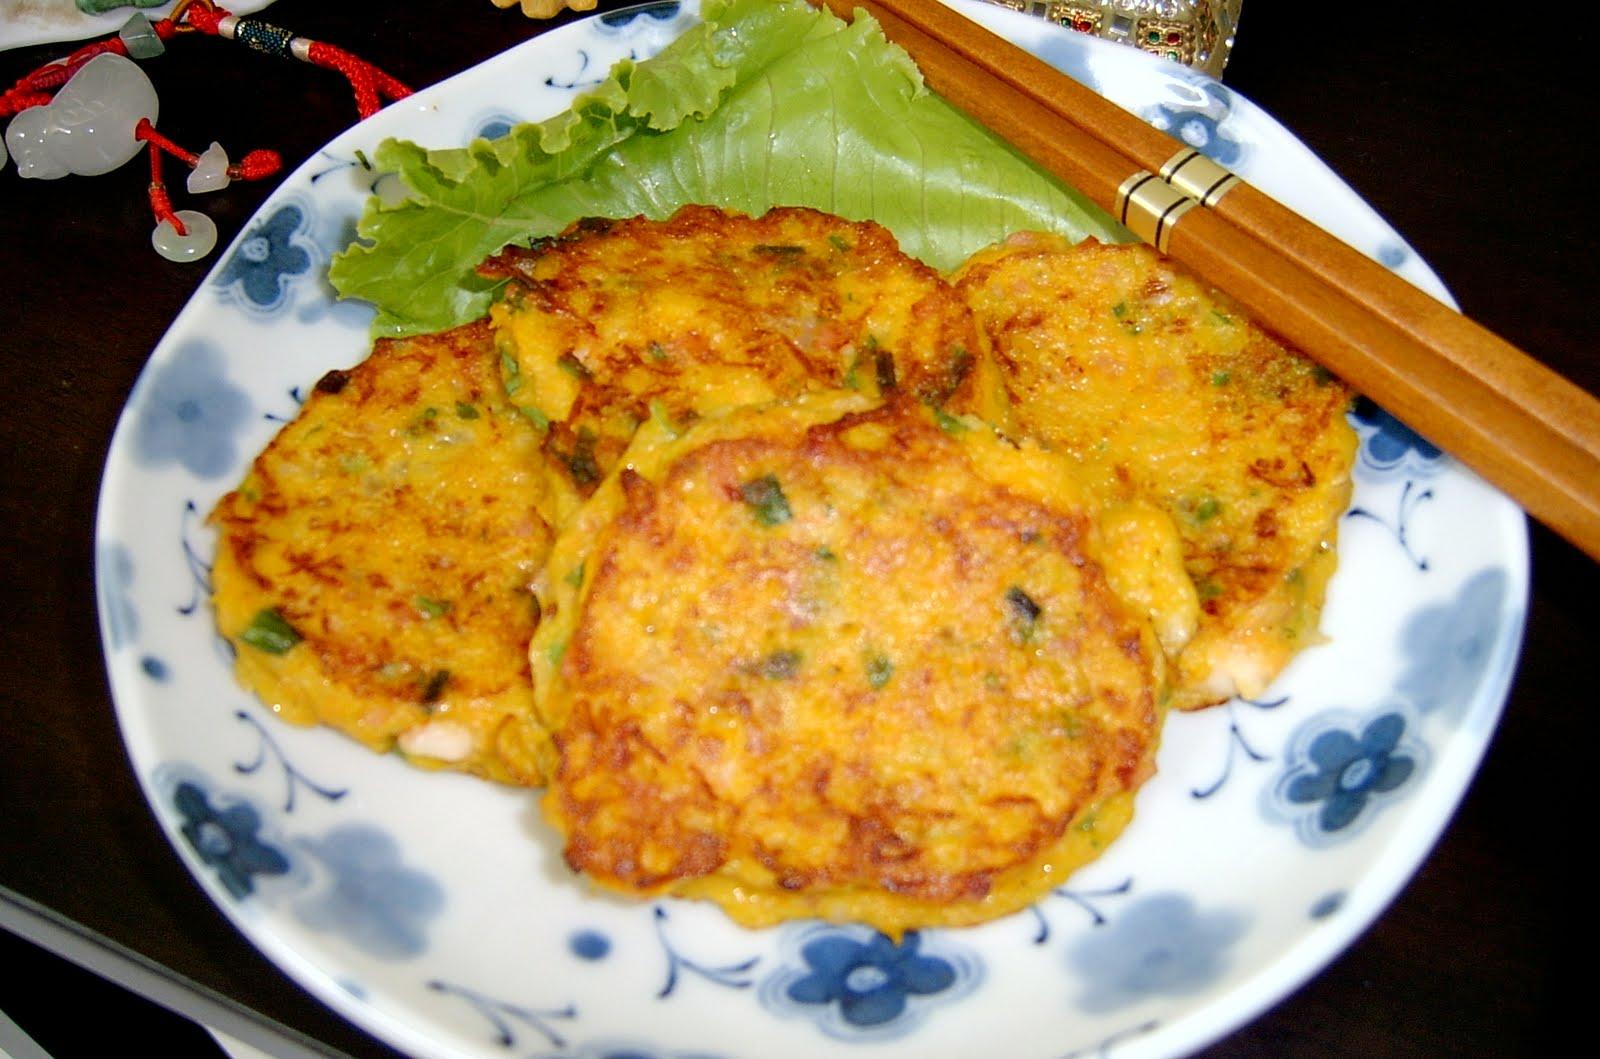 Through The Kitchen Door: Korean Potato Pancakes